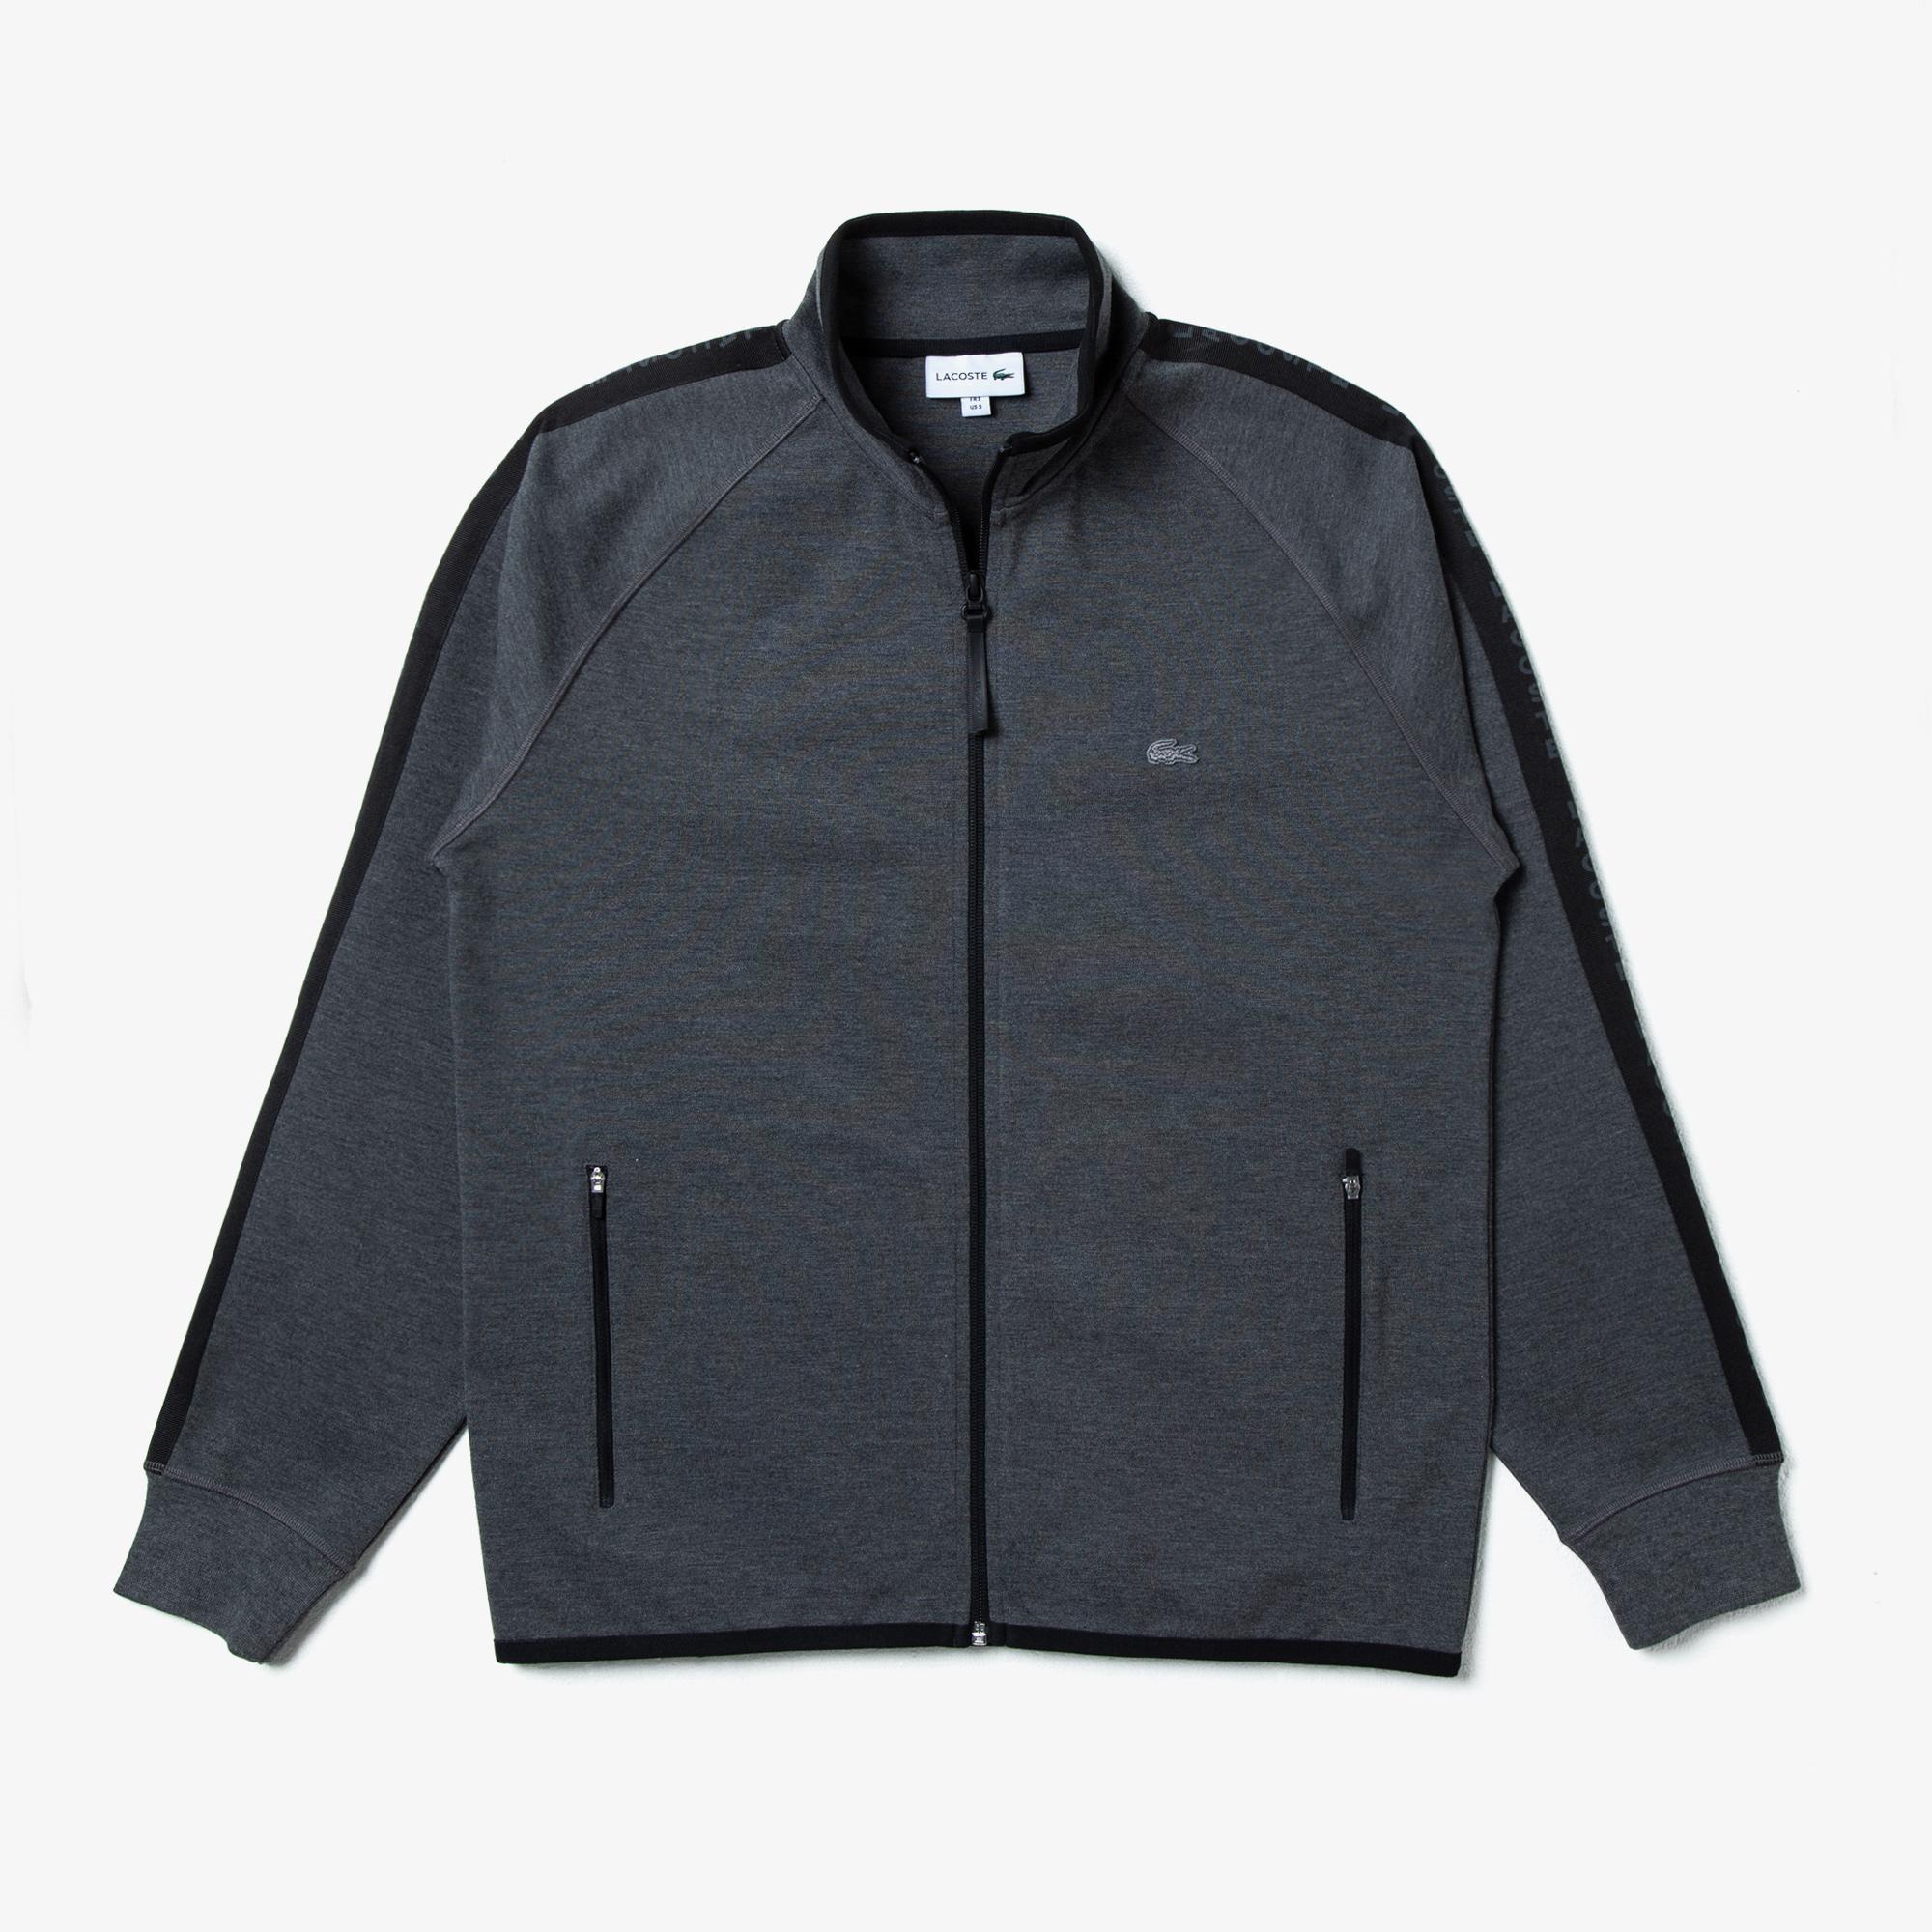 Lacoste Men's Zippered Sweatshirt